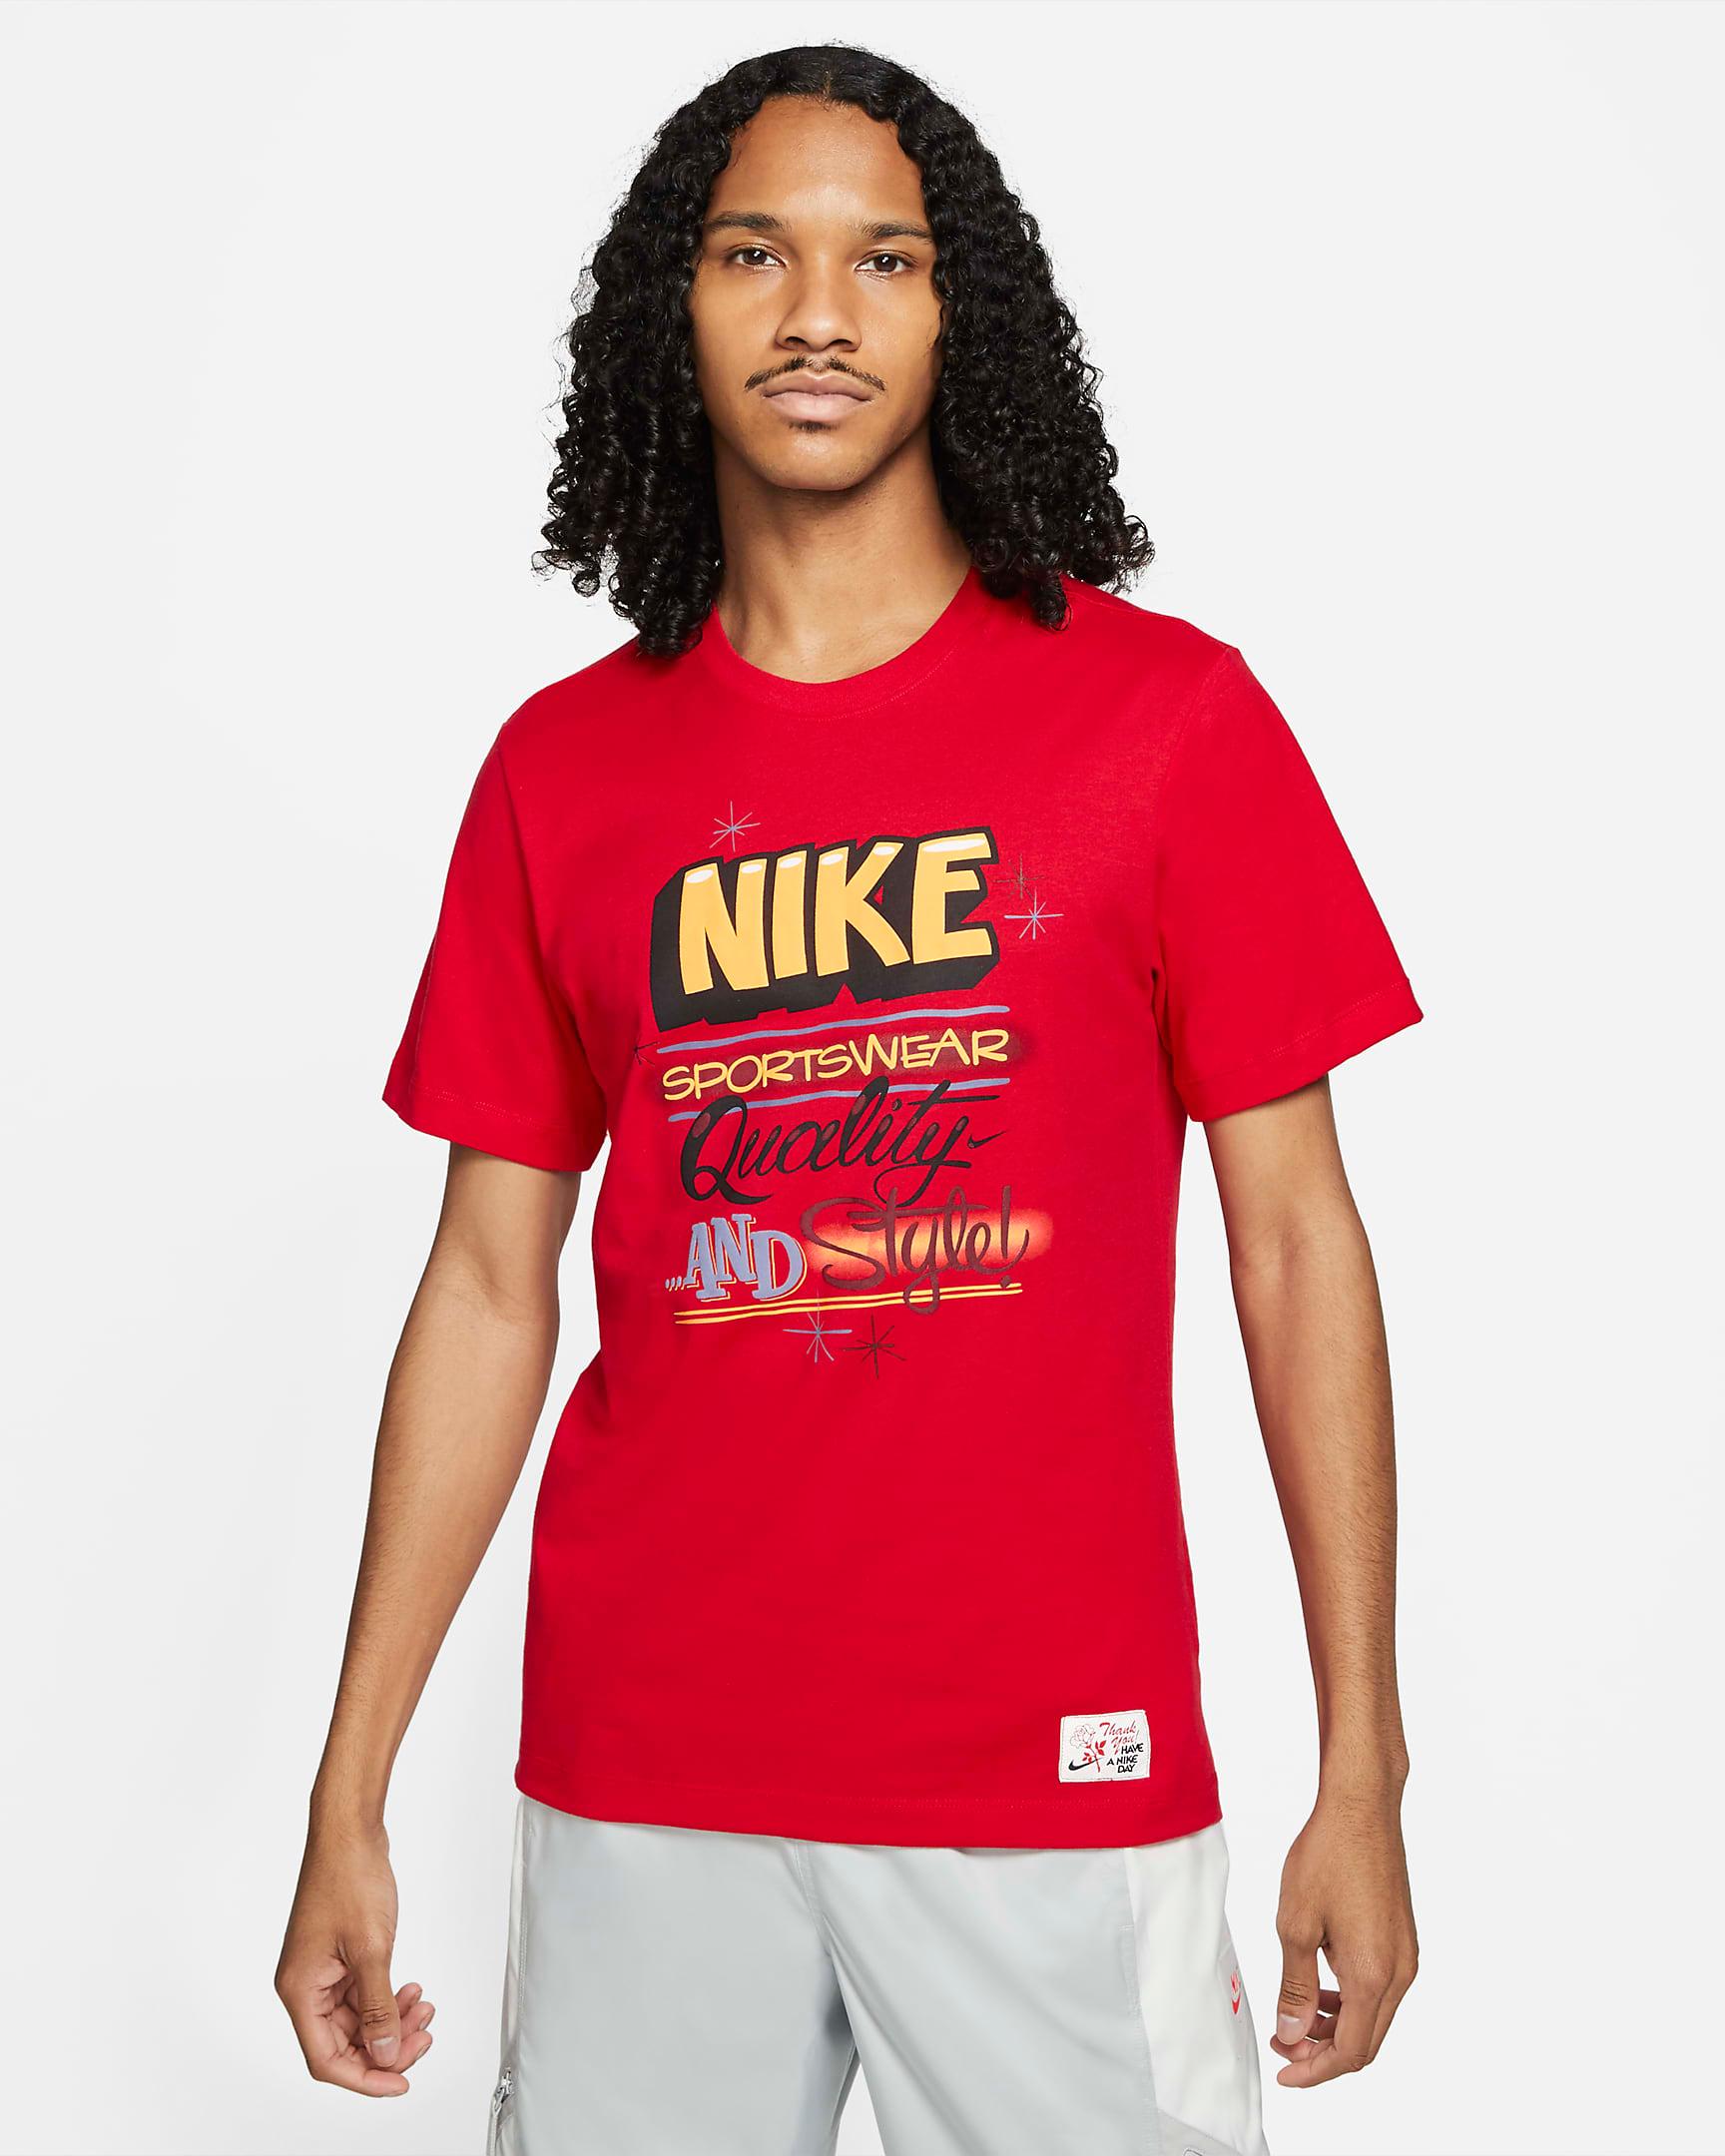 nike-bodega-red-shirt-1